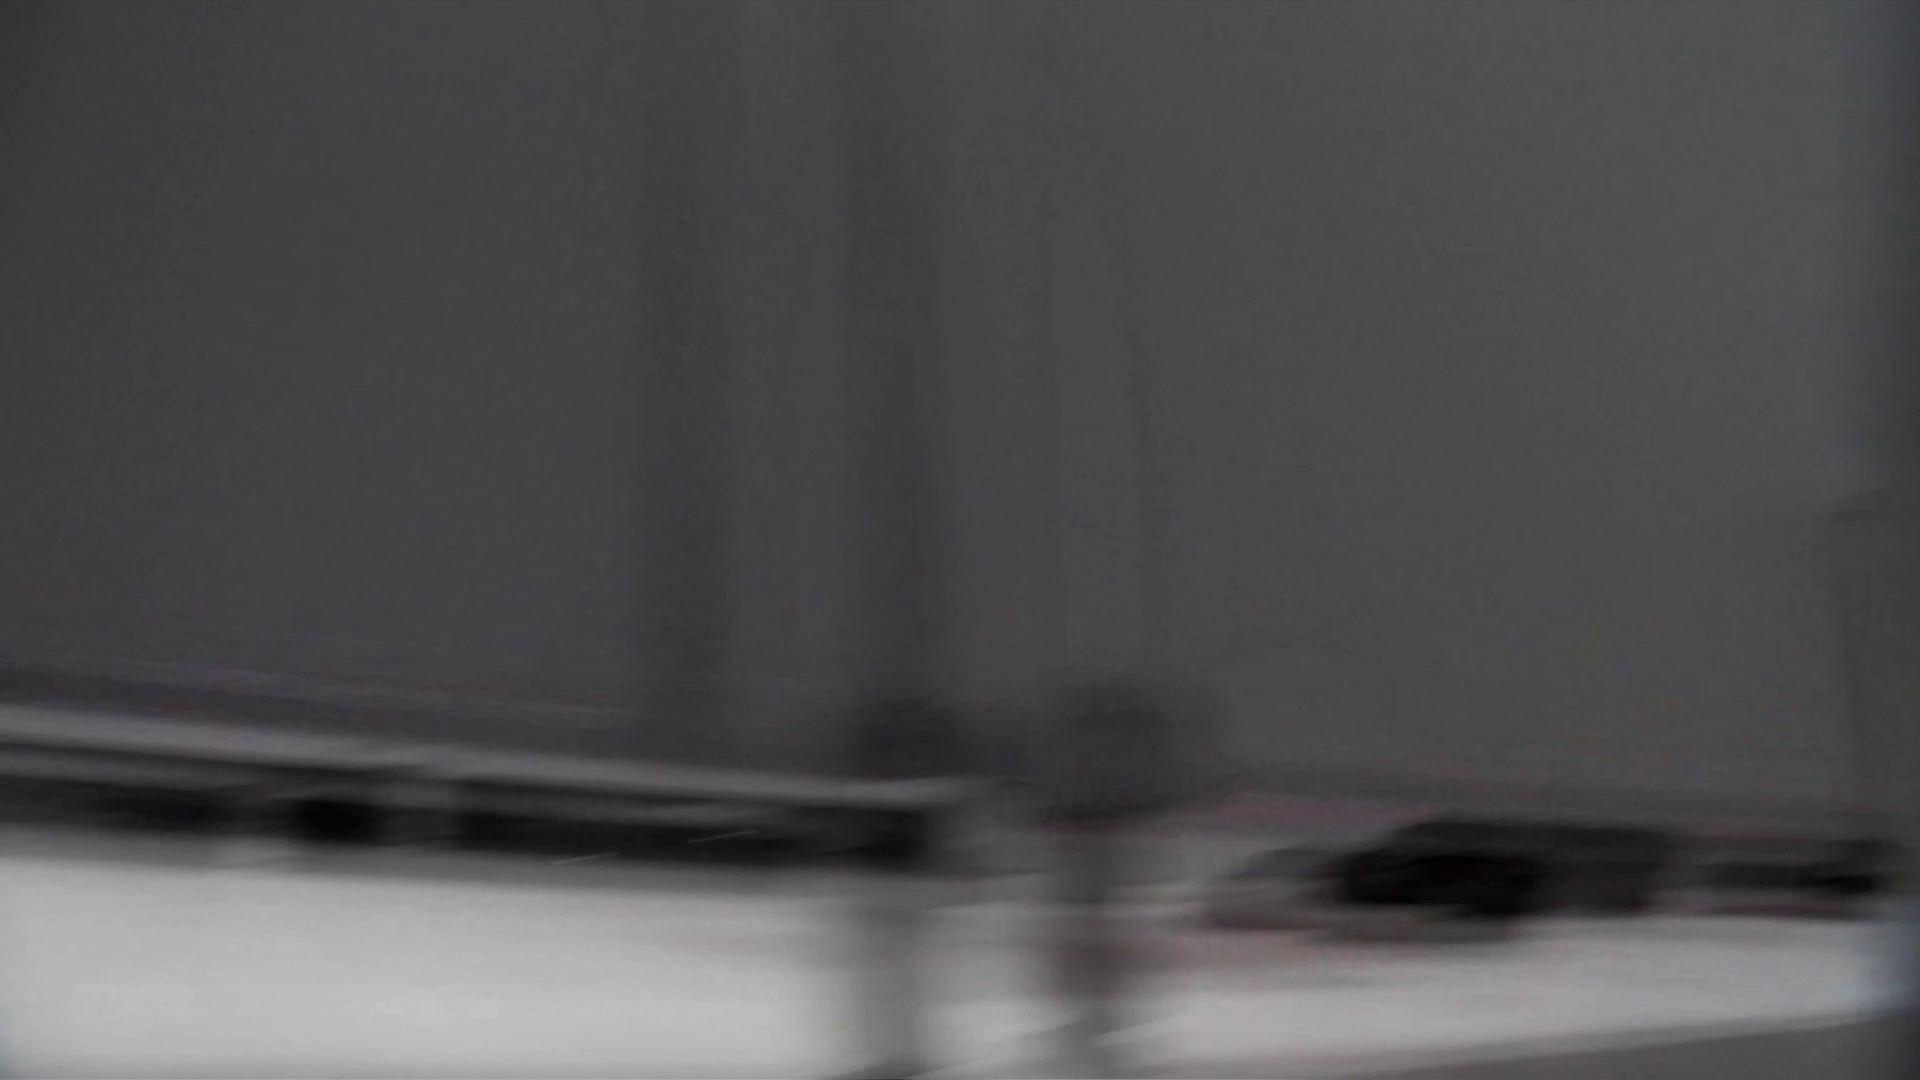 美しい日本の未来 No.06 更に侵入【2015・30位】 ギャル | 丸出しマンコ  93連発 56